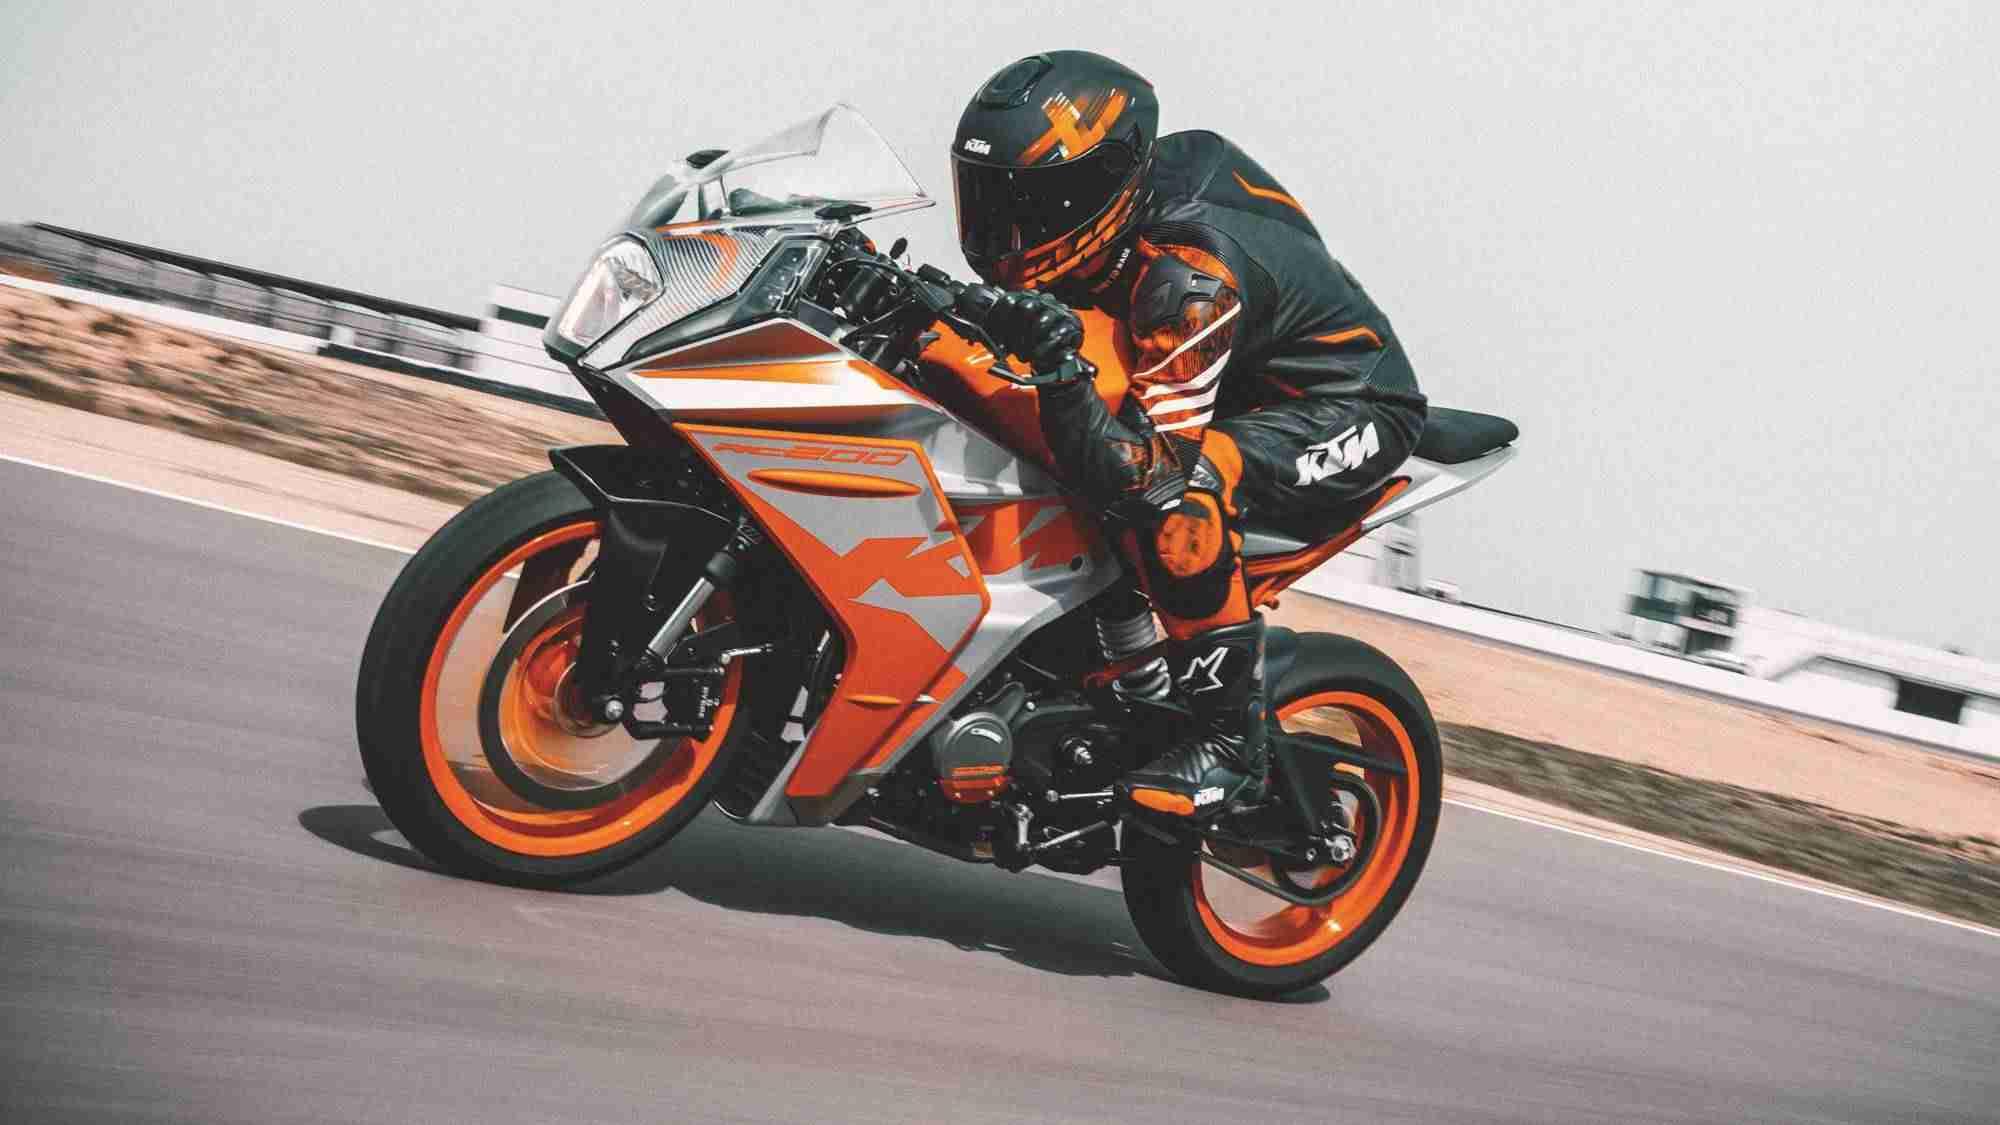 2020 KTM RC 200